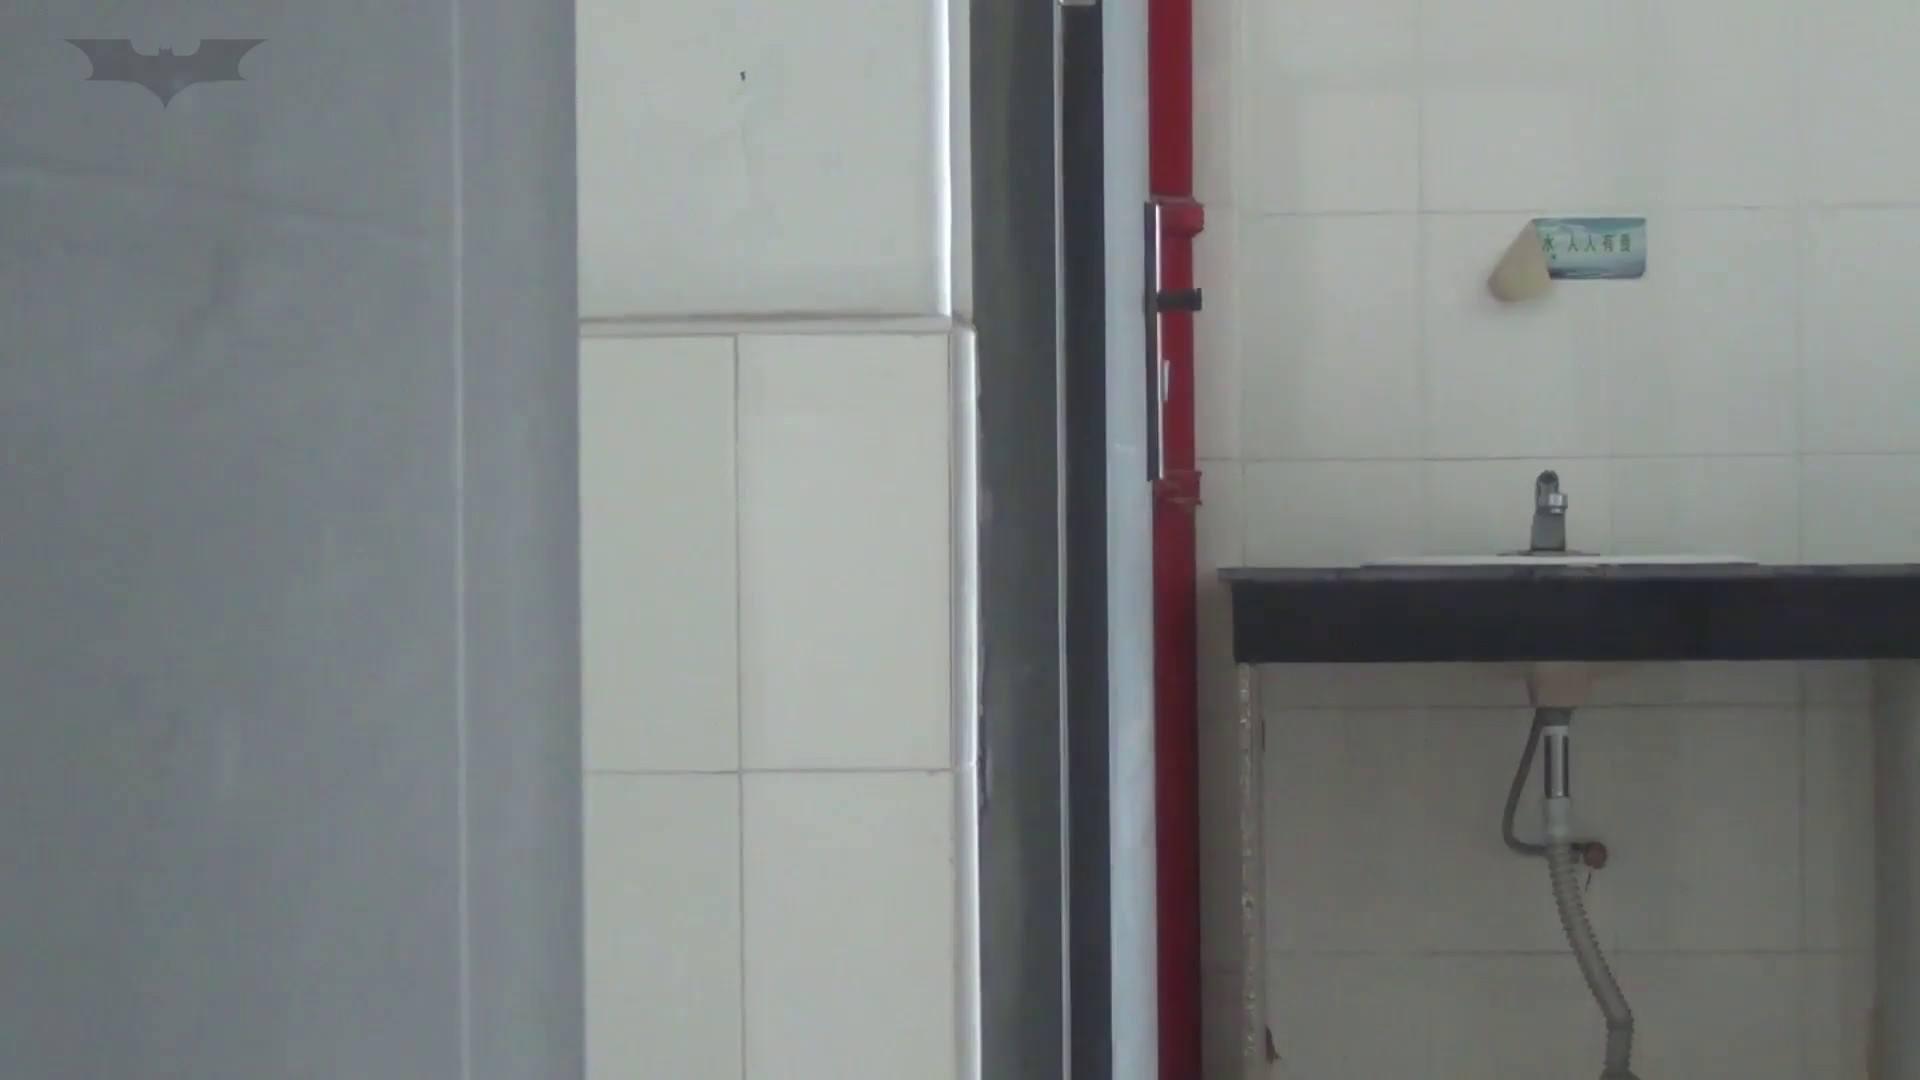 JD盗撮 美女の洗面所の秘密 Vol.36 高評価 | 洗面所  52画像 1